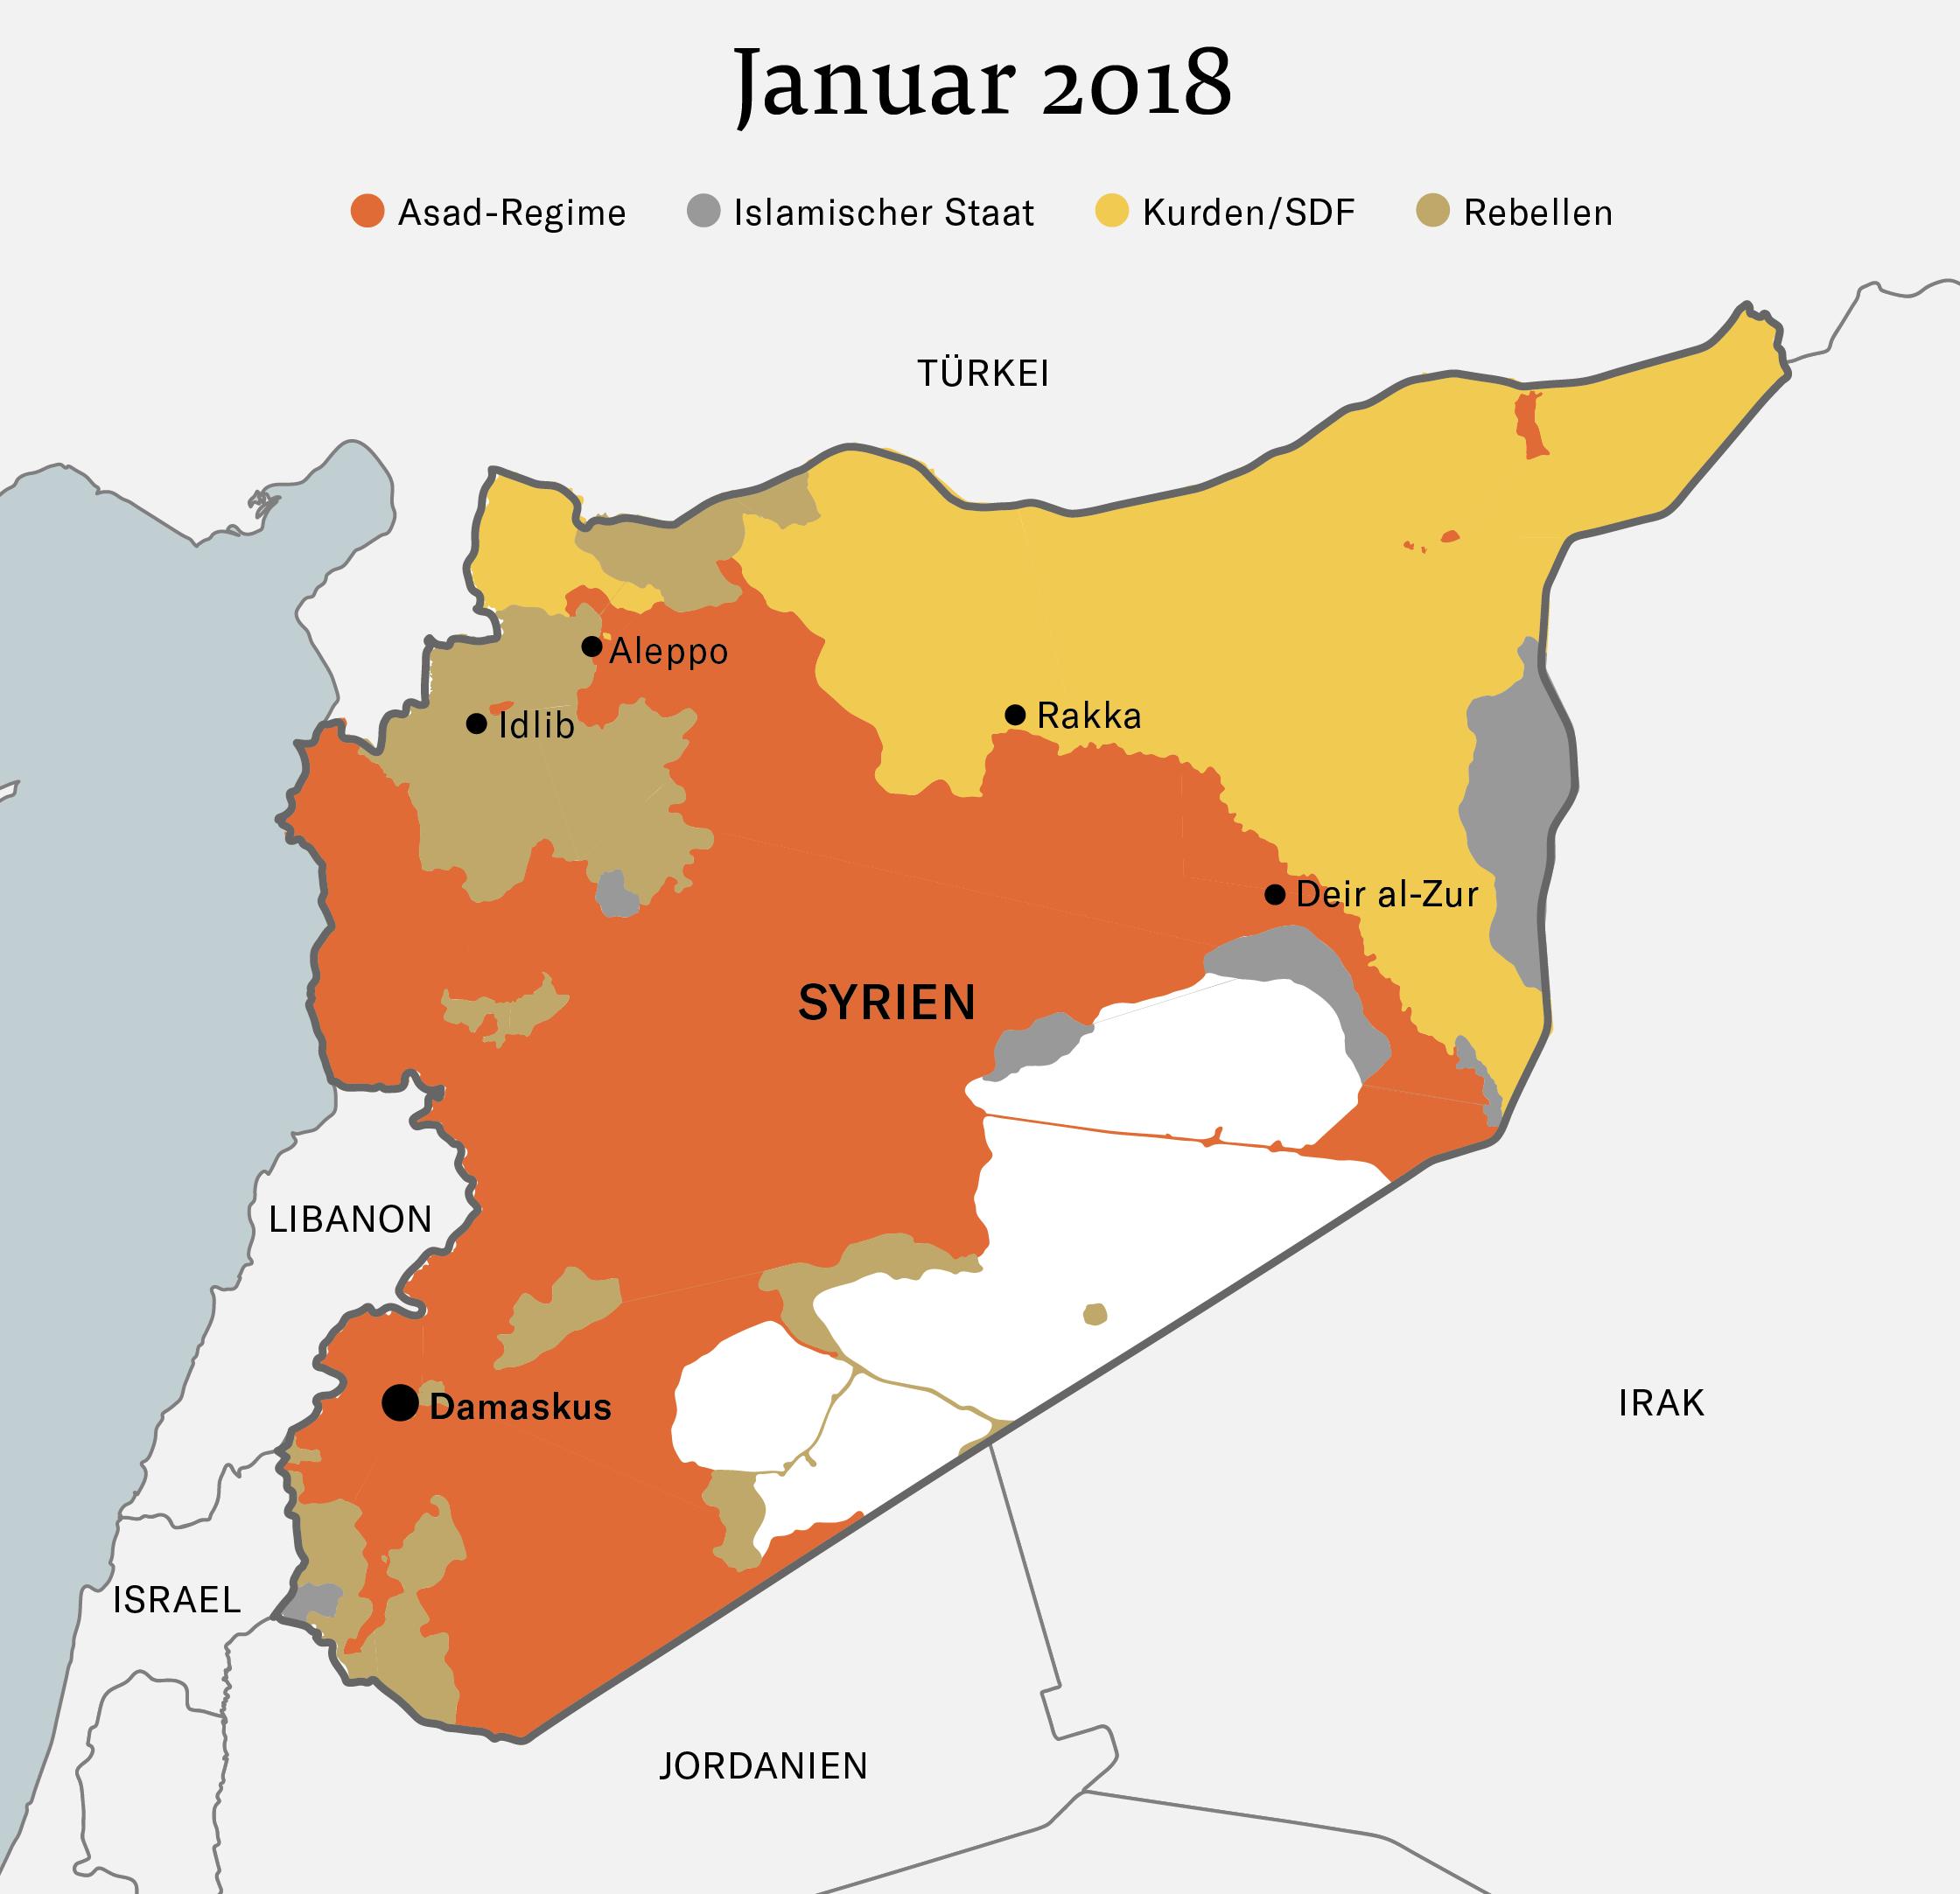 Syrien Karte Aktuell 2018.Syrien Antworten Zur Lage Im Syrien Konflikt Nzz